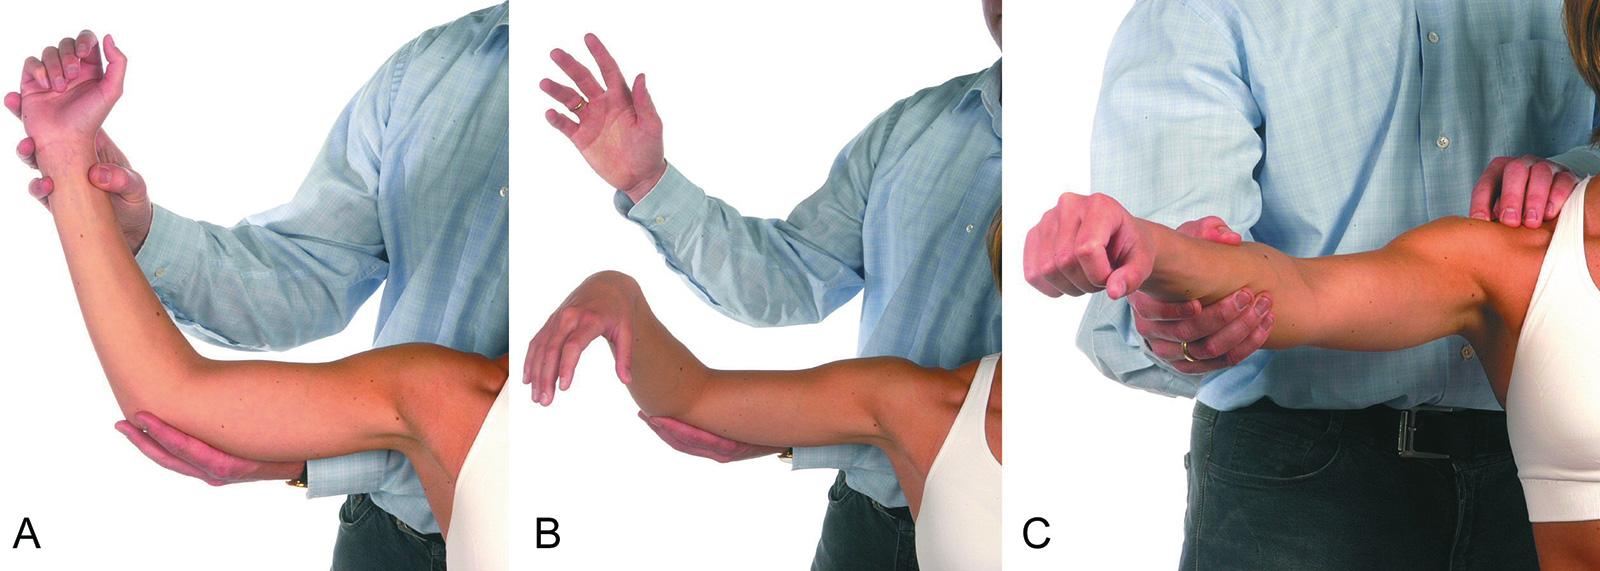 Abb. 2-4: Drop-Arm-Zeichen (A,B) und Impingement Test nach Neer (C)